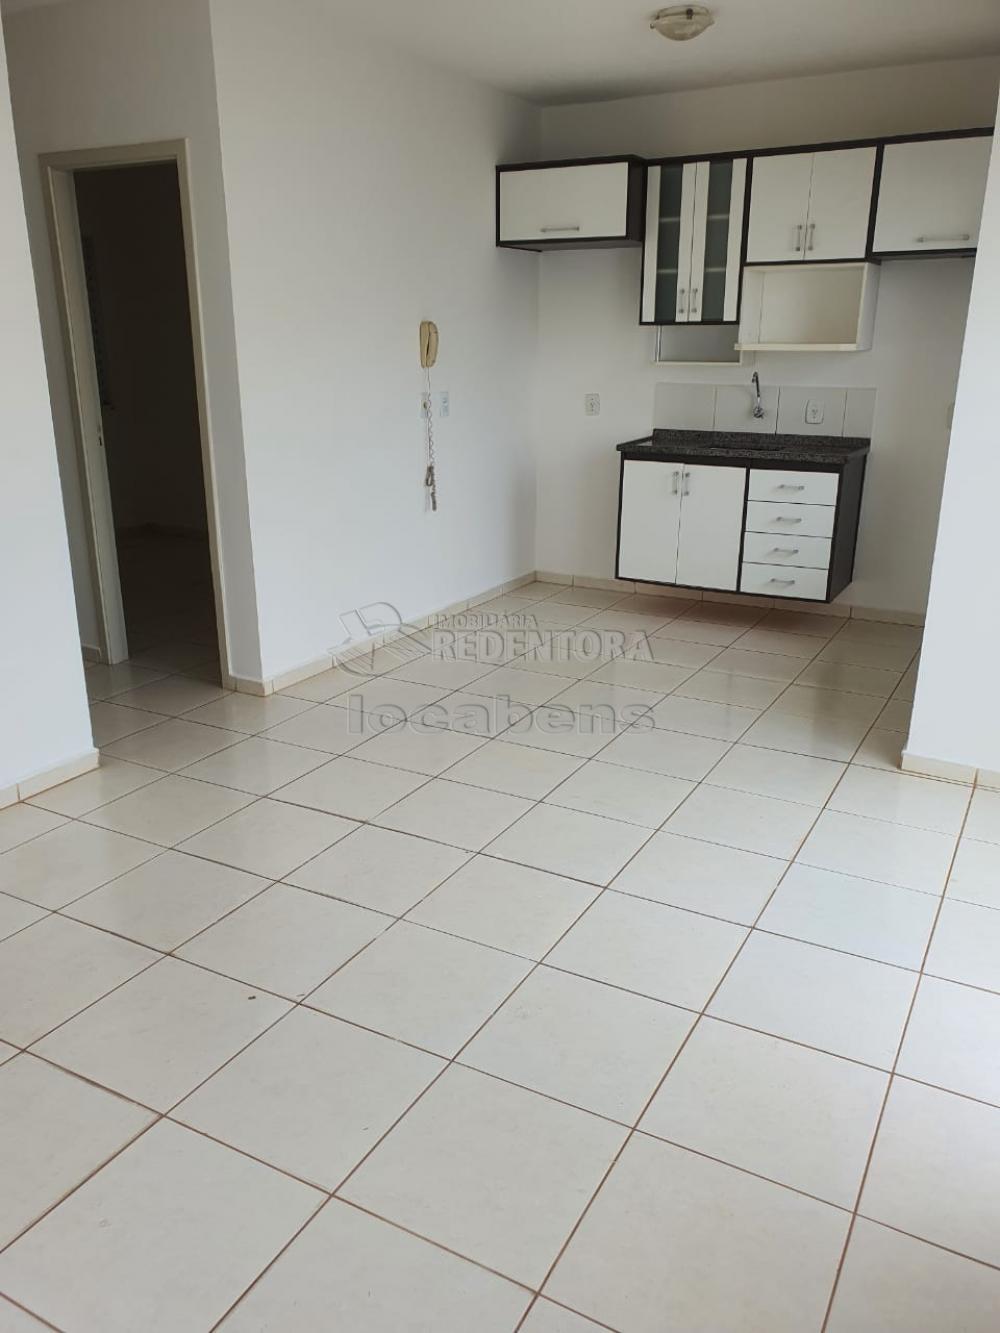 Alugar Casa / Condomínio em São José do Rio Preto R$ 1.100,00 - Foto 17